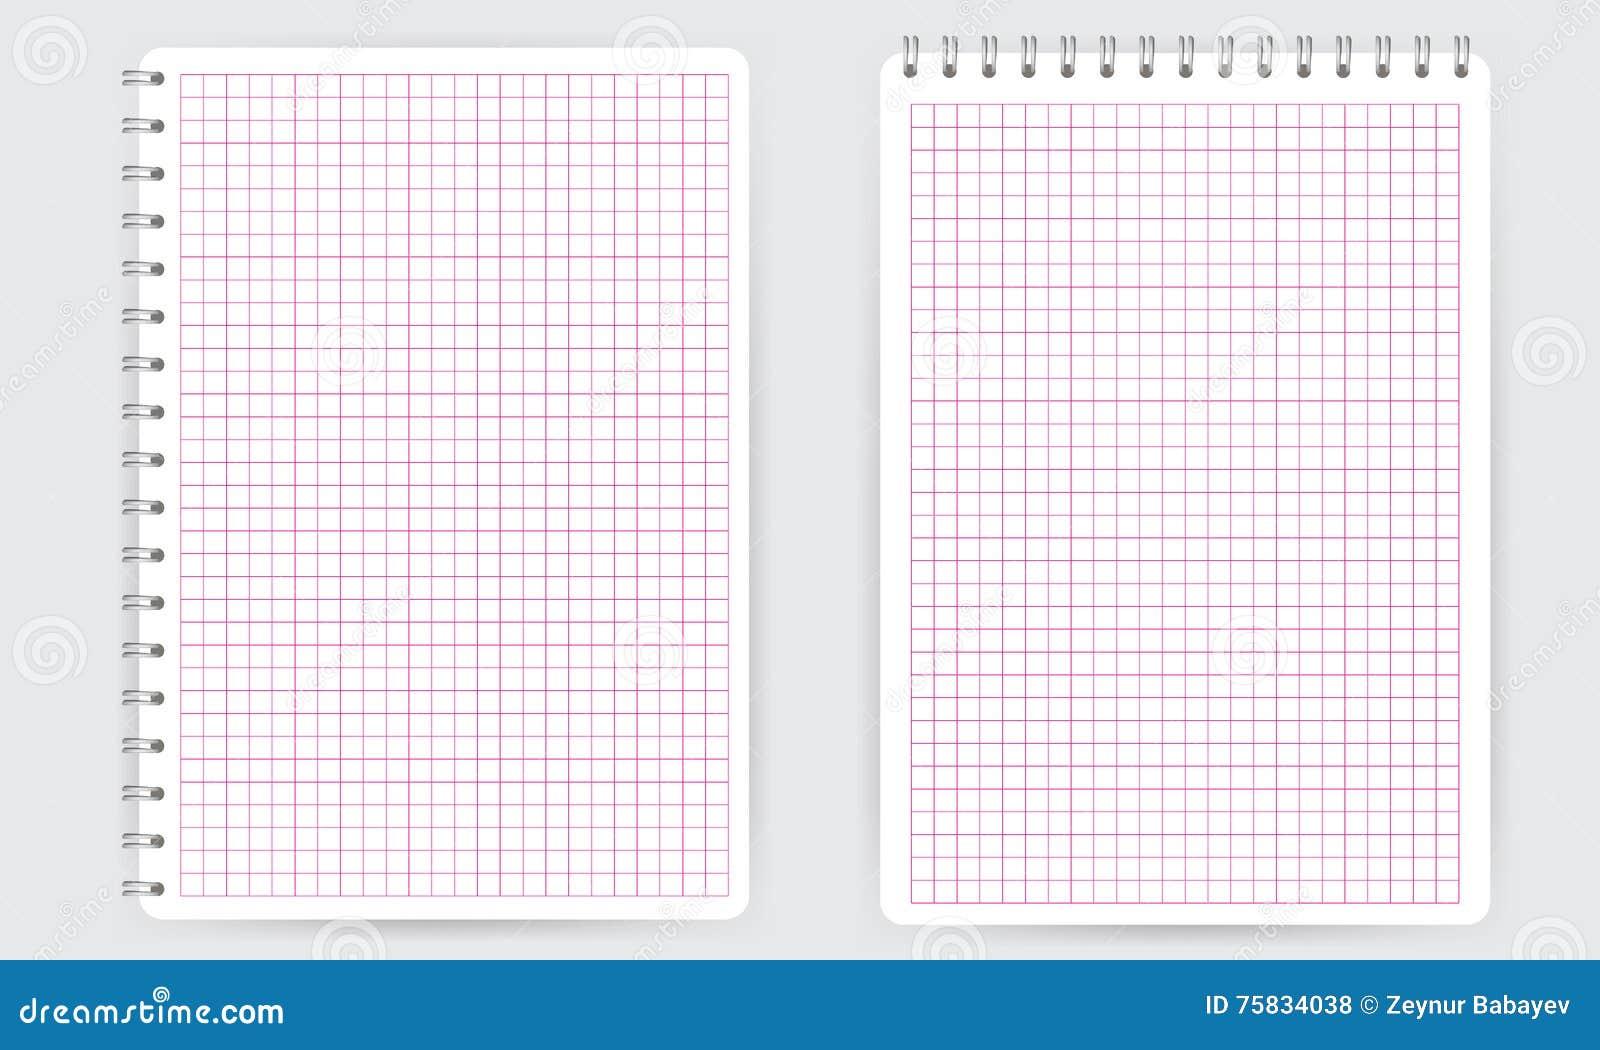 worksheet. Math Grids. Grass Fedjp Worksheet Study Site